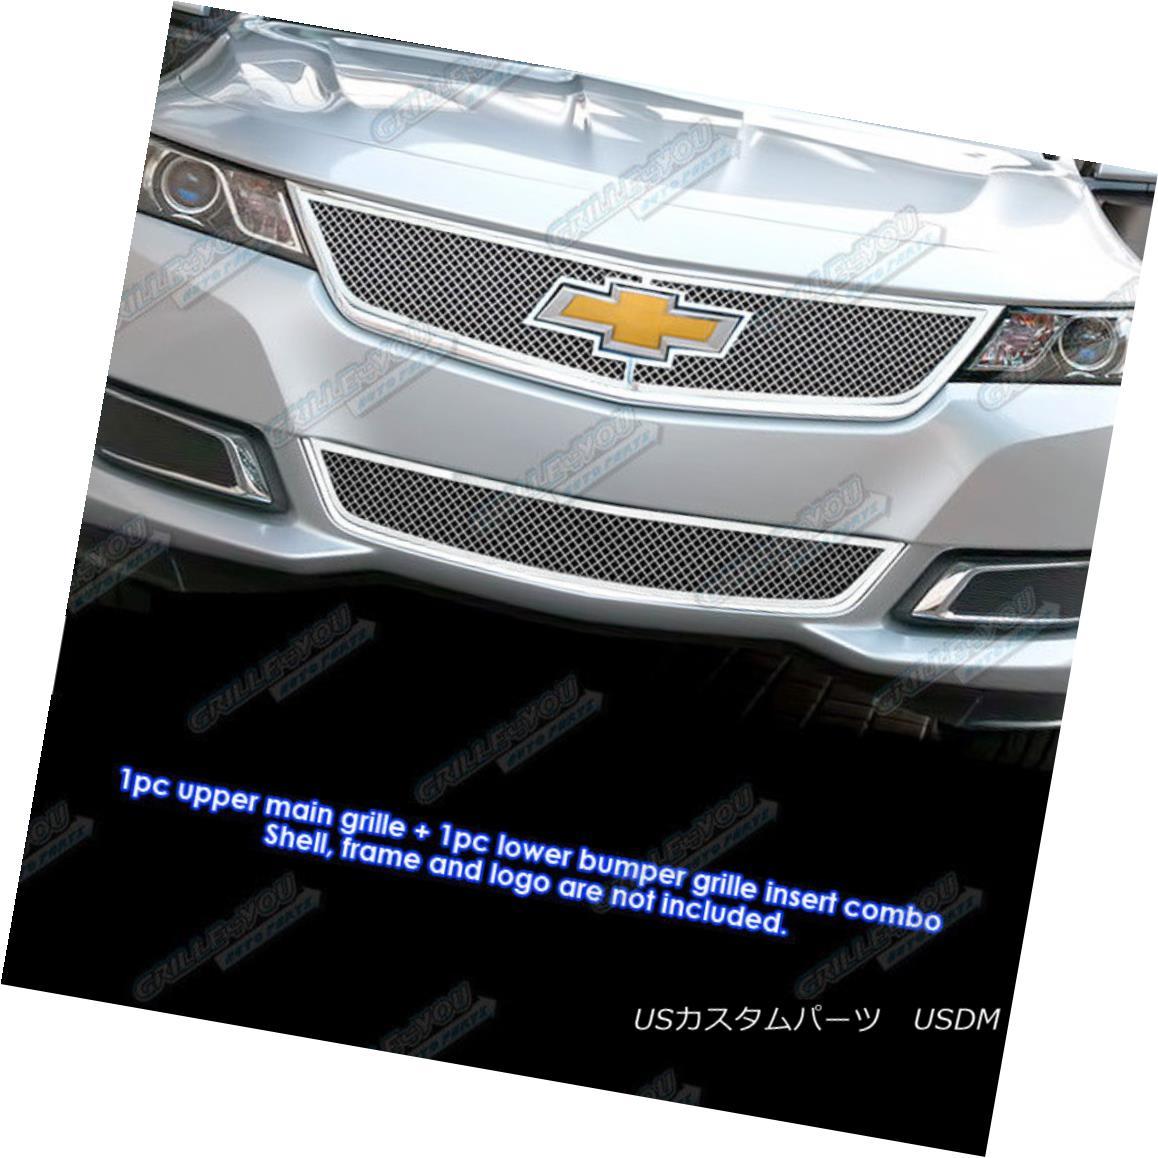 グリル For 2014-2016 Chevy Impala Stainless Steel Bolt Over Mesh Grille Combo 2014-2016シボレーインパラステンレスボルトメッシュグリルコンボ